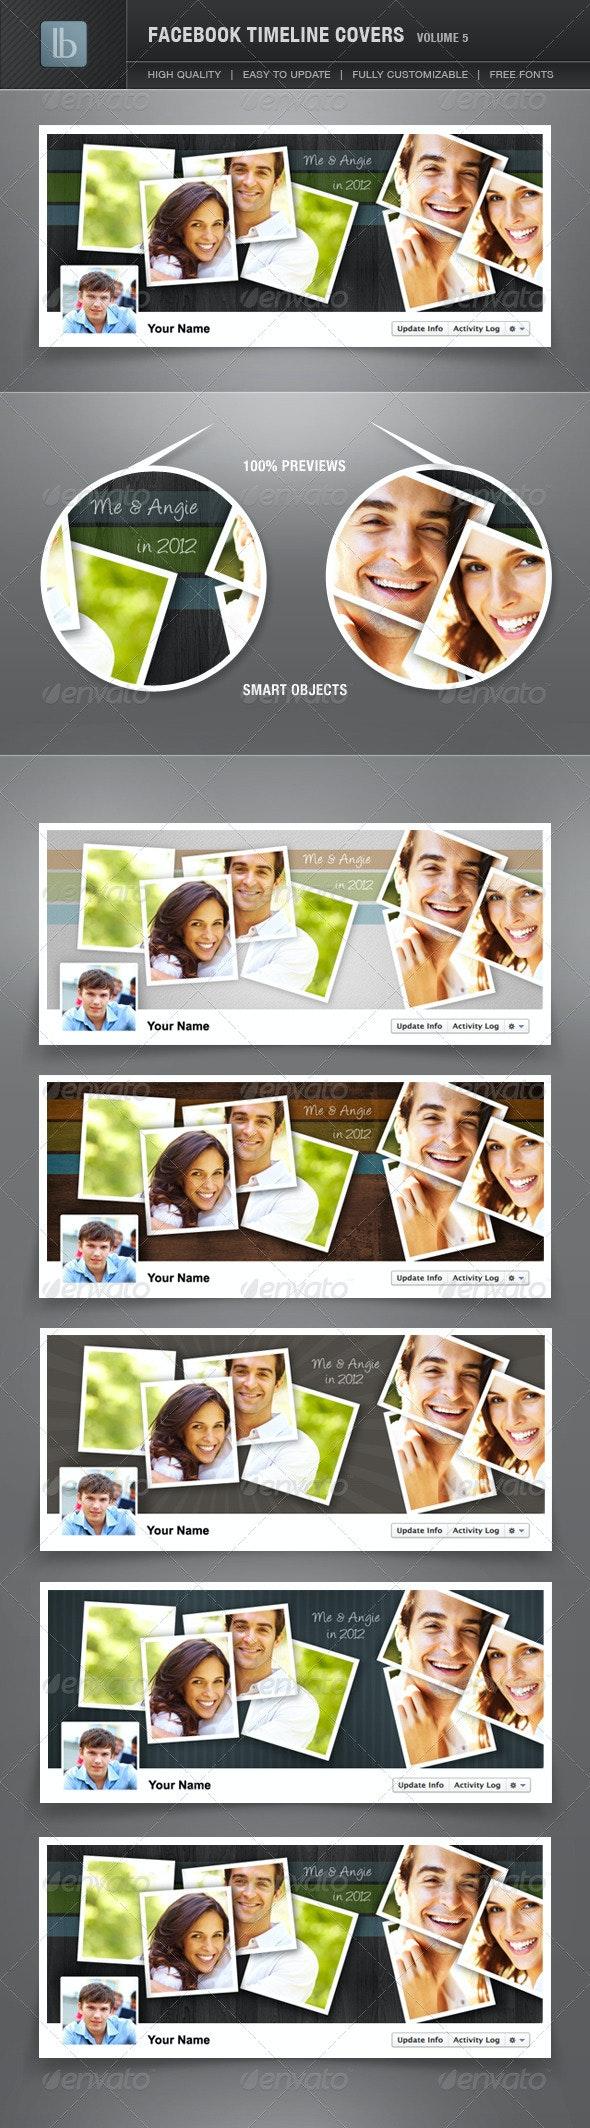 Facebook Timeline Covers | Volume 5 - Facebook Timeline Covers Social Media